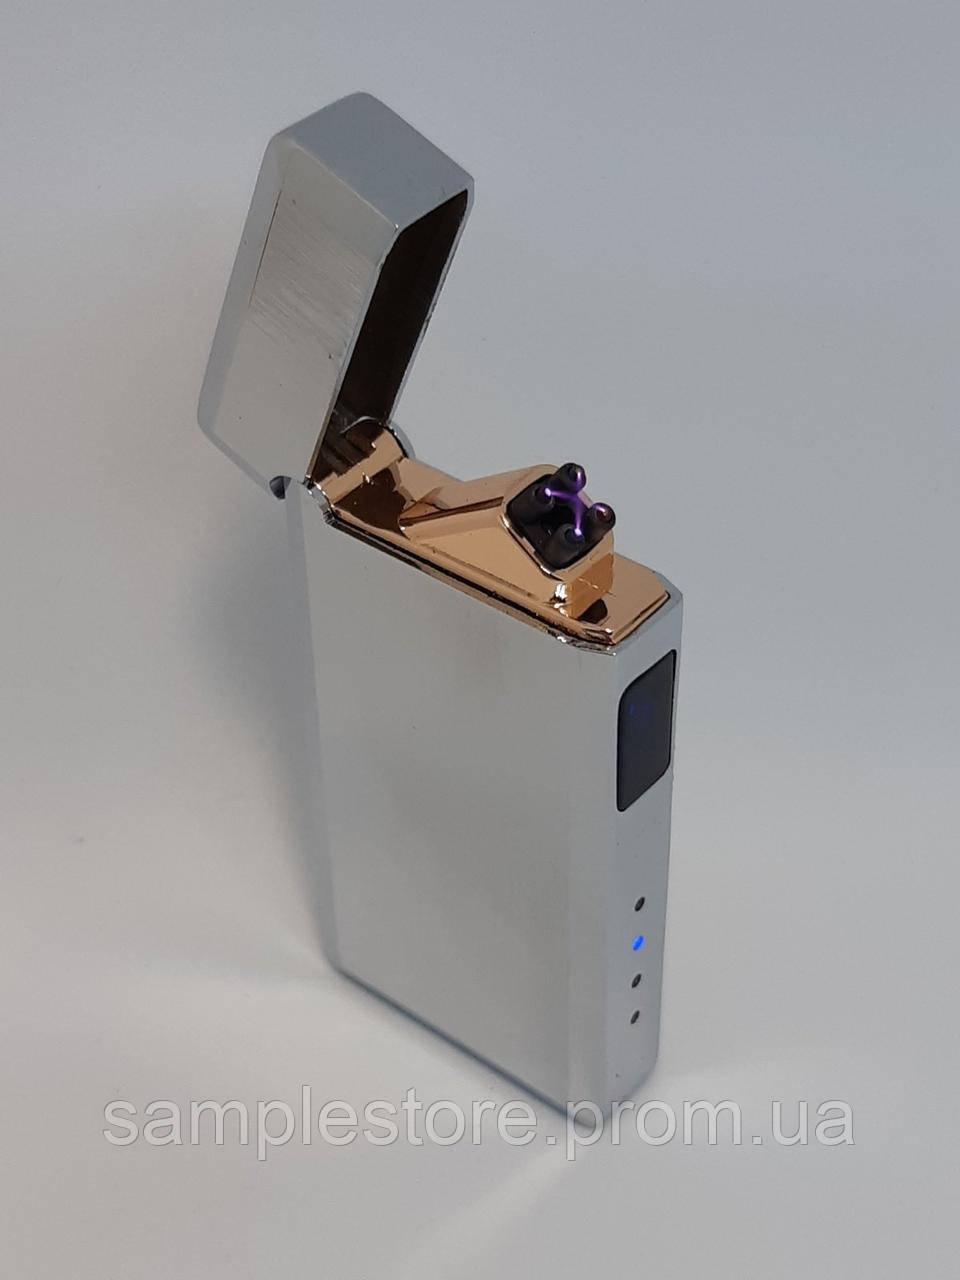 Электроимпульсная Usb зажигалка две дуги Universe Silver